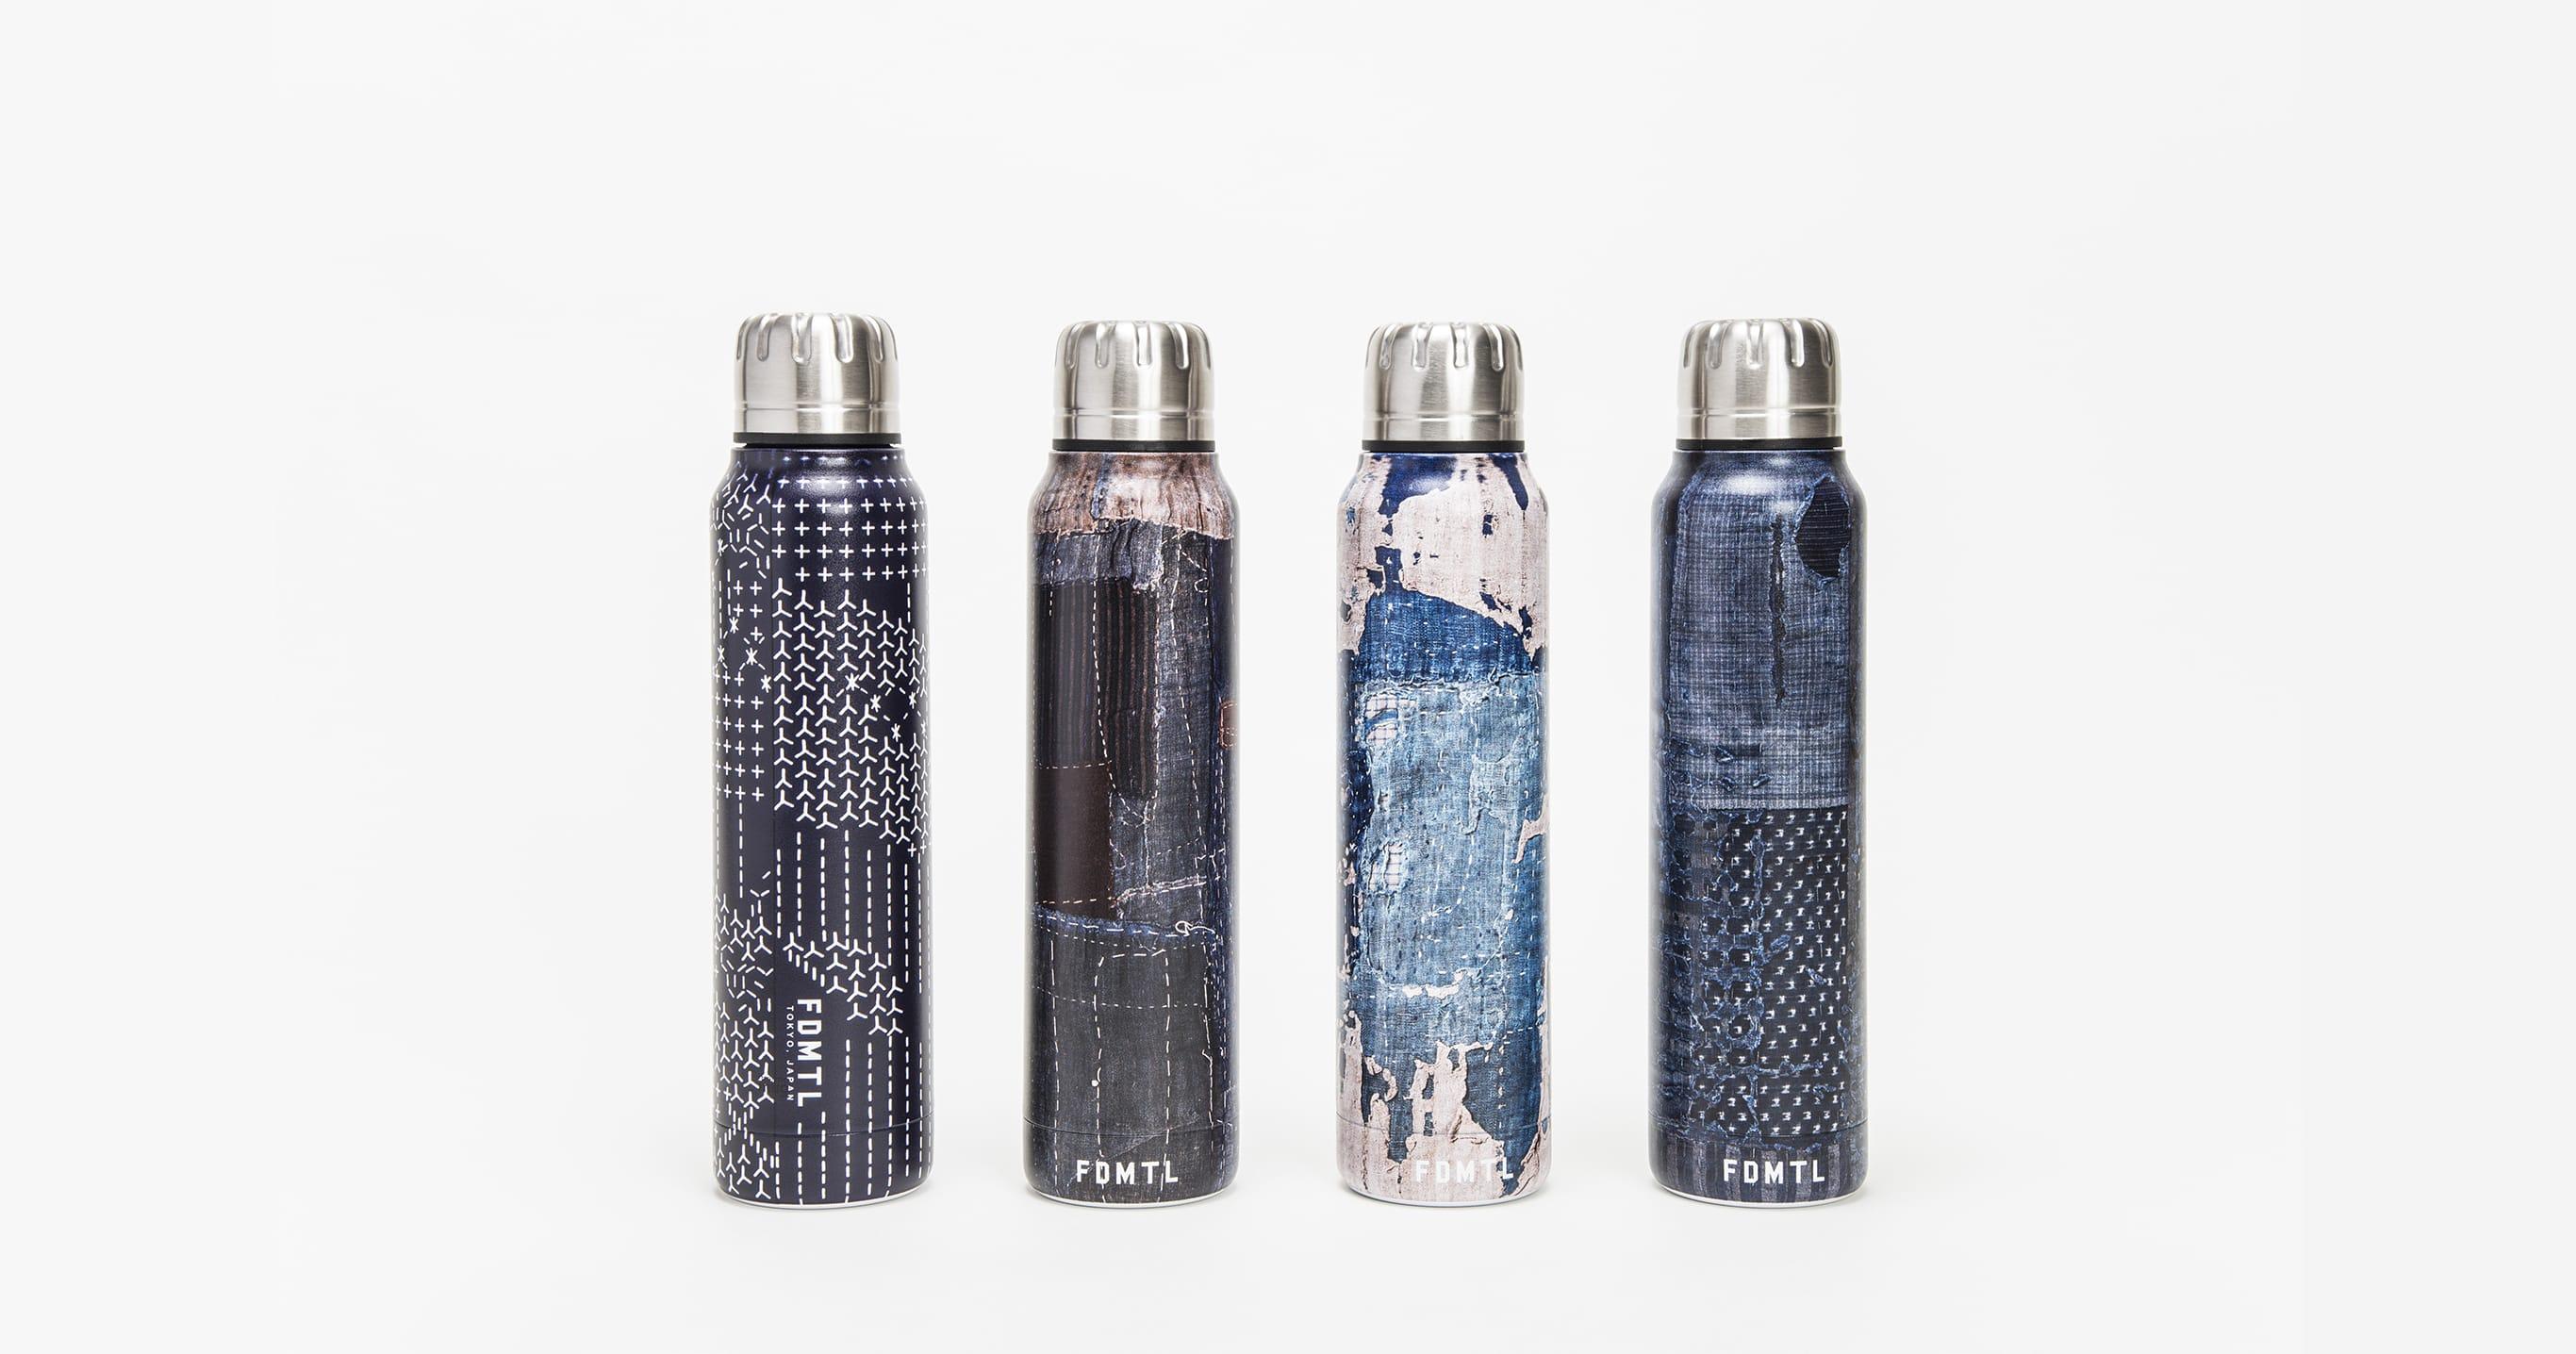 アンティークの襤褸布を高精細スキャンしボトルへプリントした「襤褸」、「刺し子カモフラージュ」など4種類をラインナップ